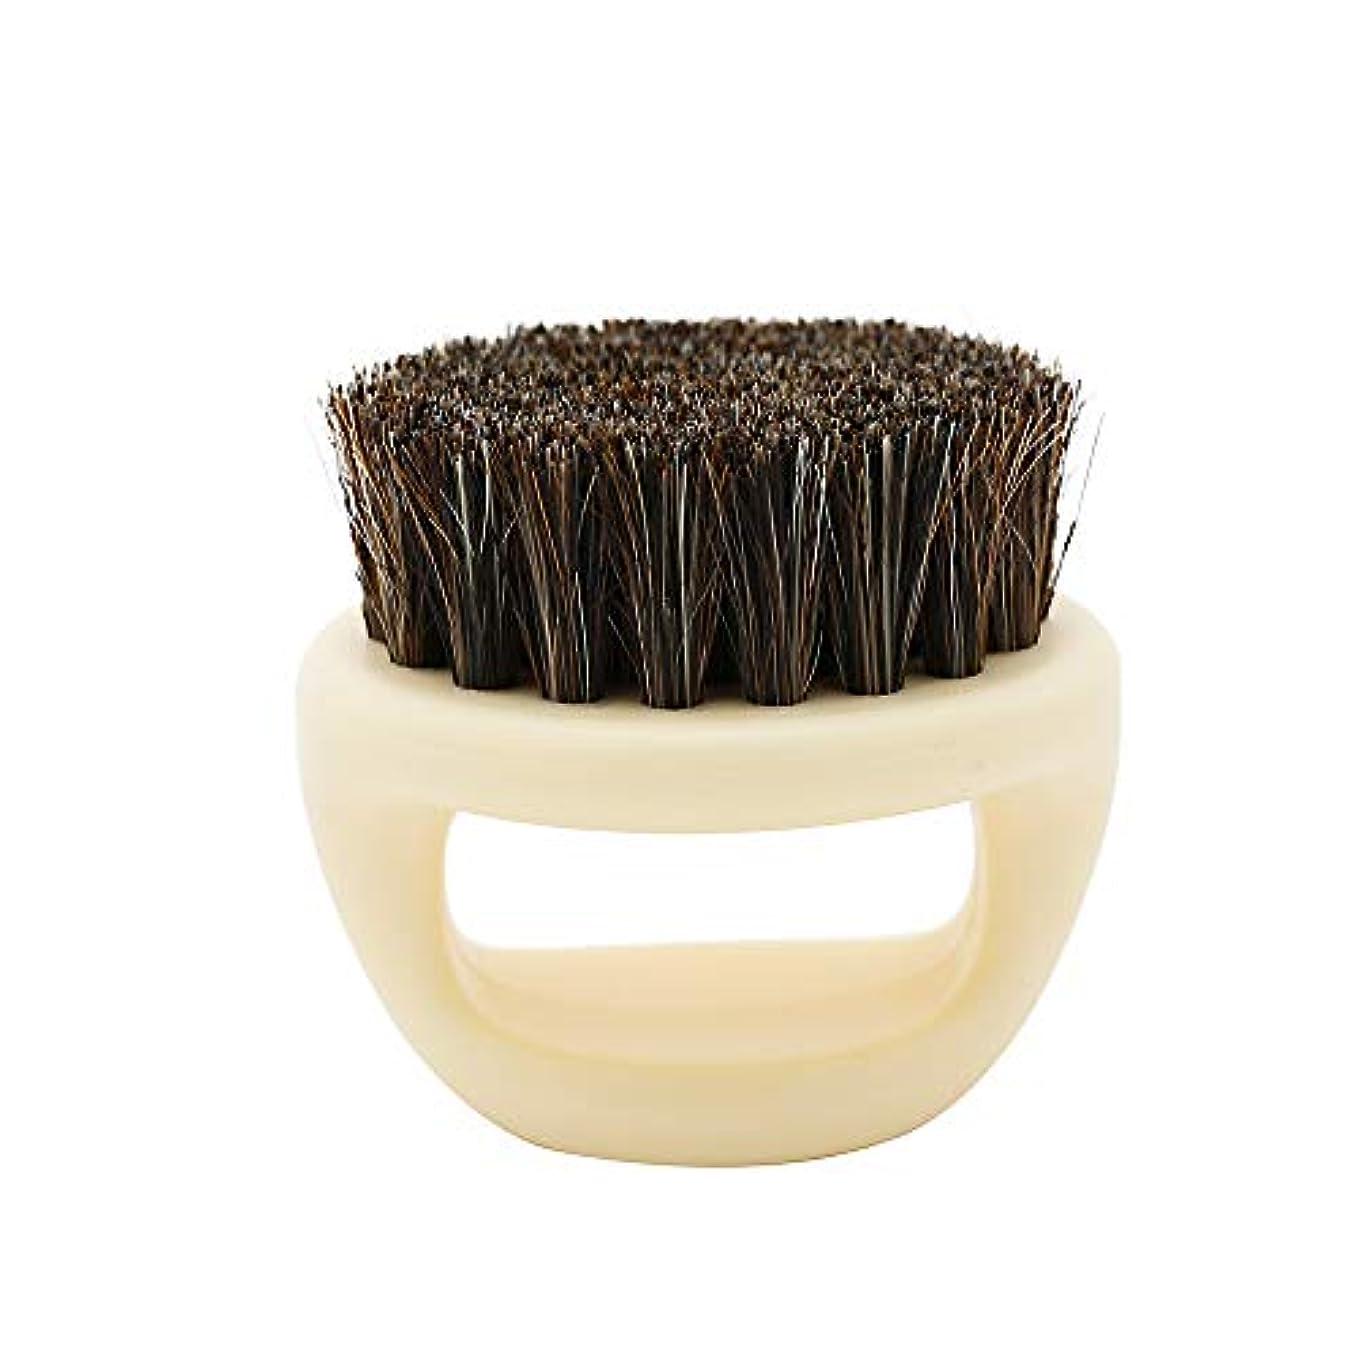 余韻軽食Gaoominy 1個リングデザイン馬毛メンズシェービングブラシプラスチック製の可搬式理容ひげブラシサロンフェイスクリーニングかみそりブラシ(ホワイト)